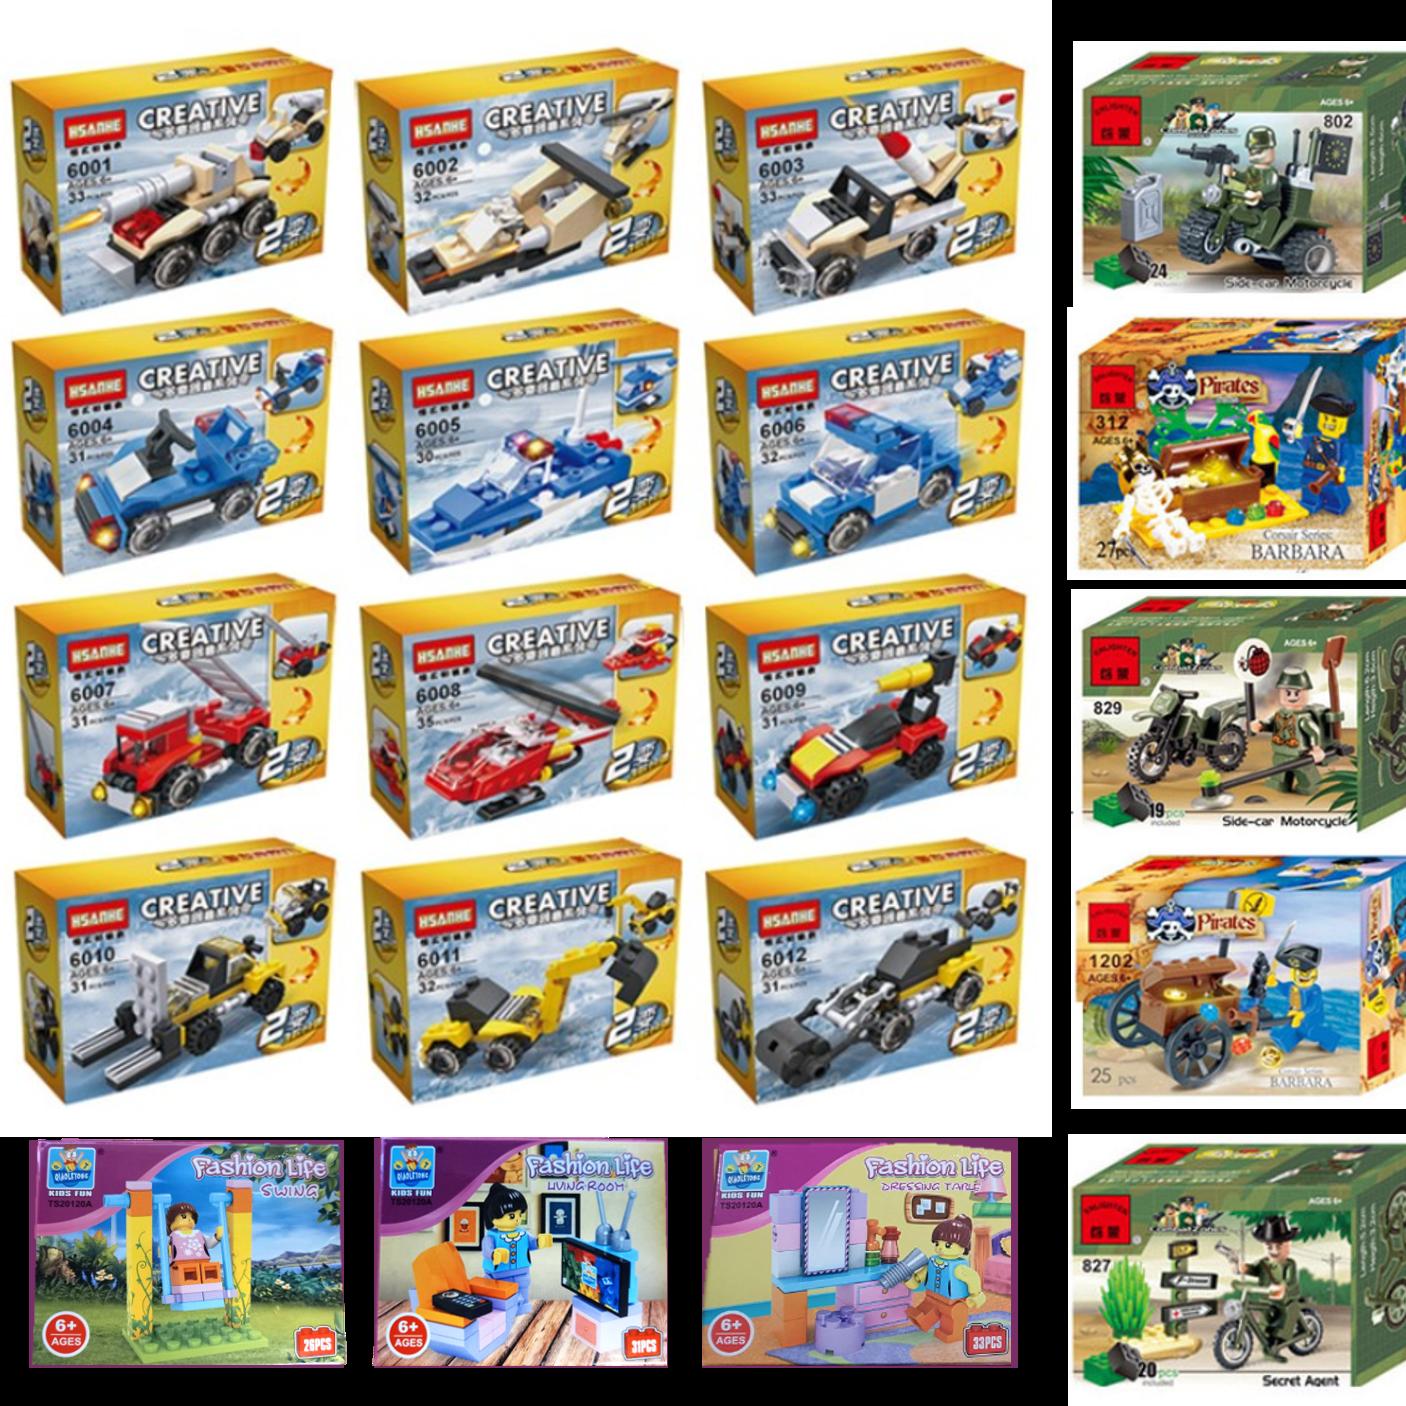 옳은생활 JIESTAR 미니블럭 30세트 직업체험 레고형블럭 집콕놀이 아이선물 레고호환블록